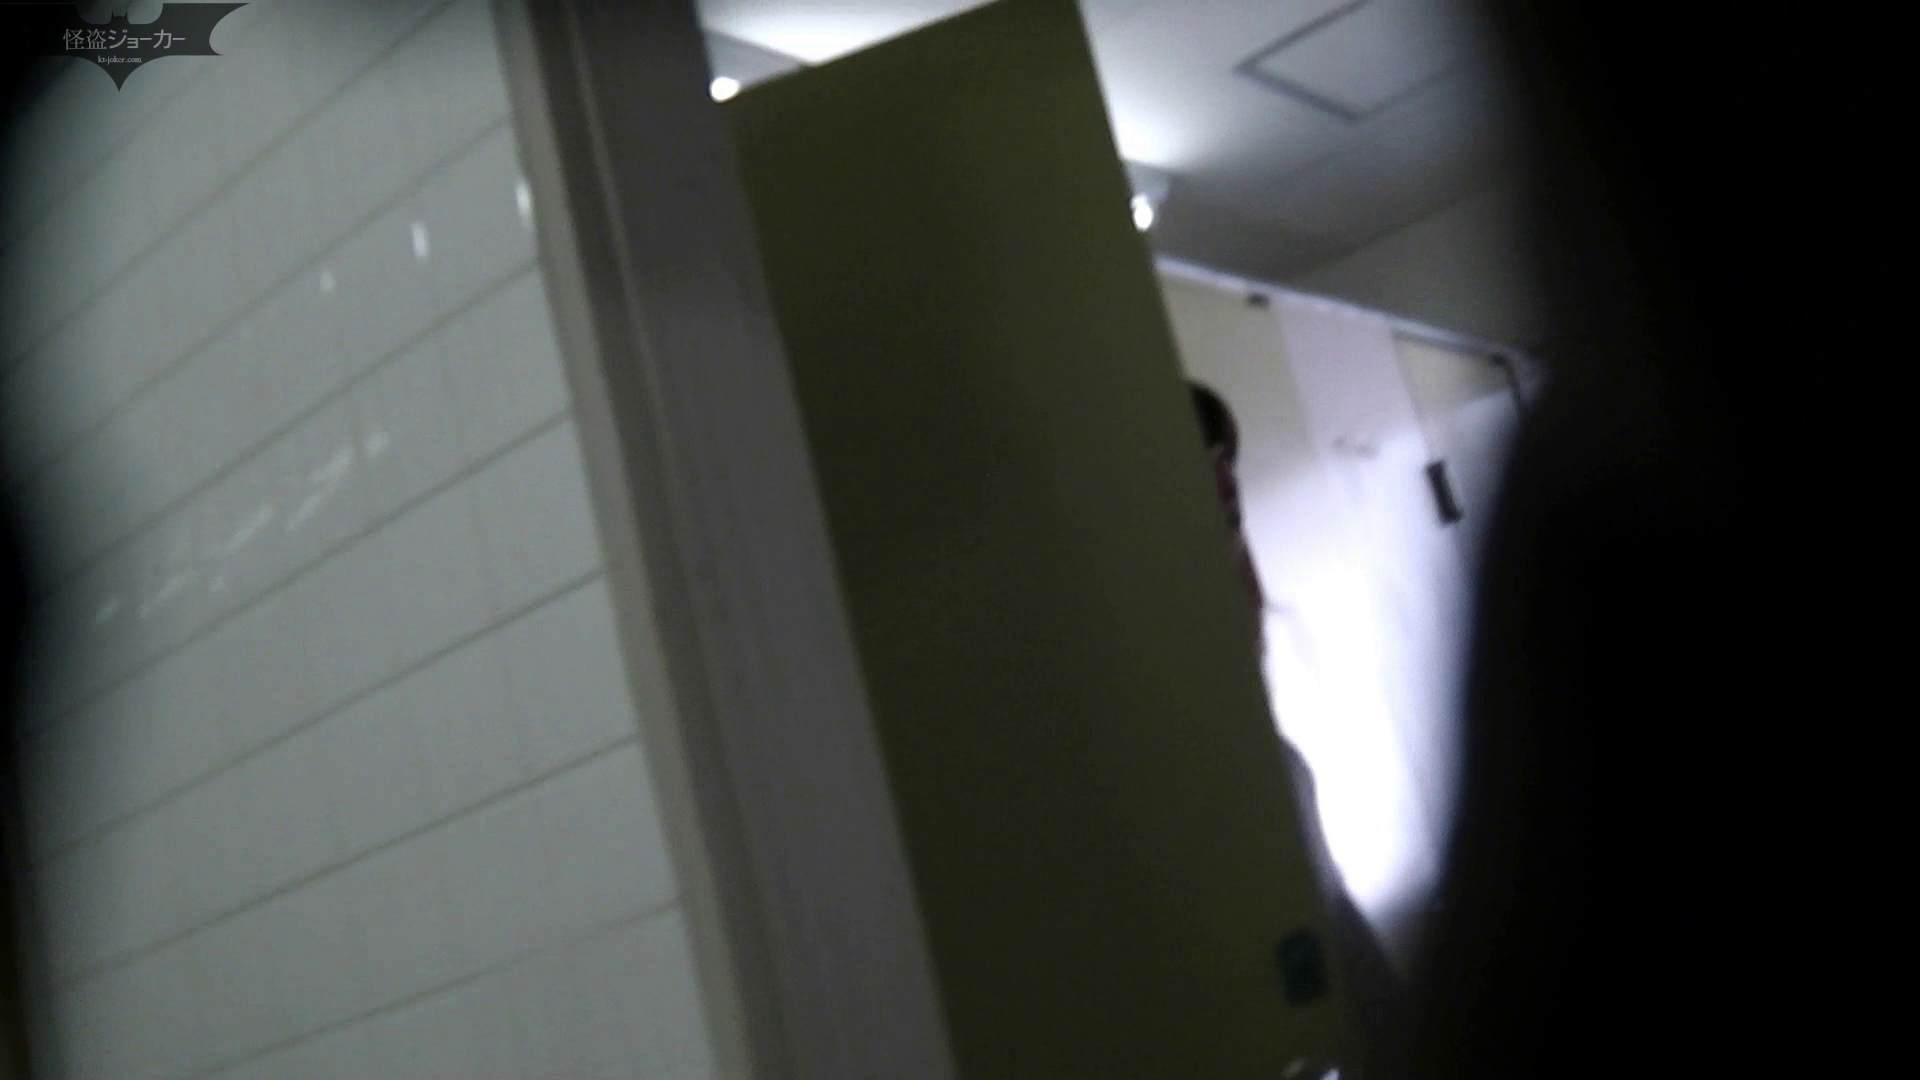 【美しき個室な世界】洗面所特攻隊 vol.046 更に進化【2015・07位】 お姉さん攻略 ぱこり動画紹介 91画像 82